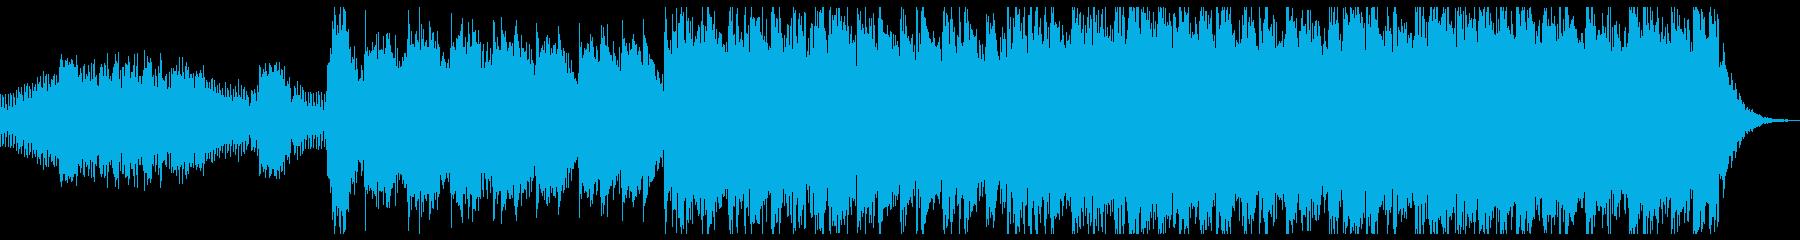 緊張感と期待感をあおるBGMの再生済みの波形